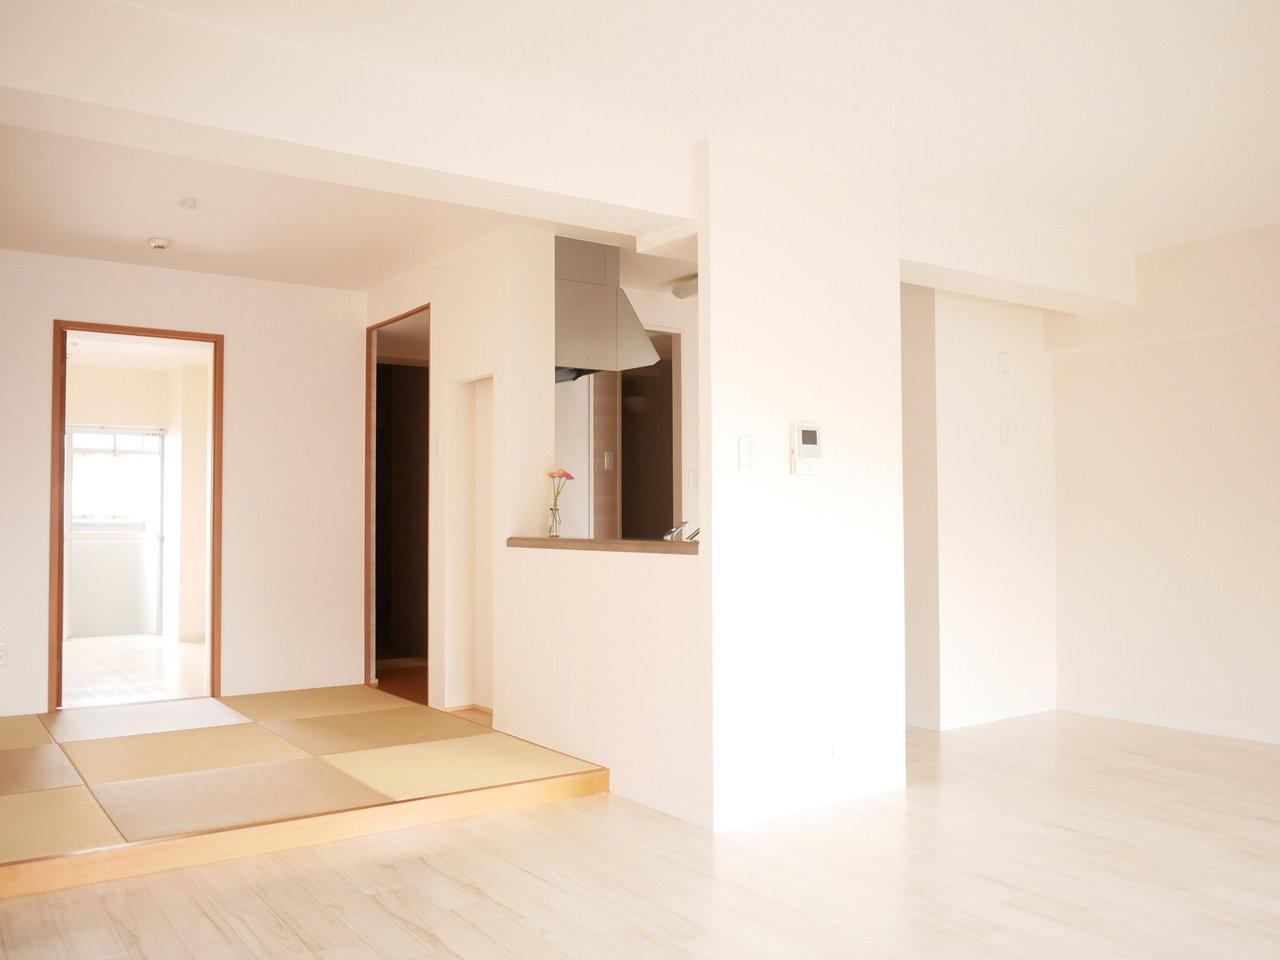 こちらのキッチンもカウンター式。畳スペースの隣になります。リビングも15畳と広々としています。のんびりできるインテリアの配置を考えたいですね。